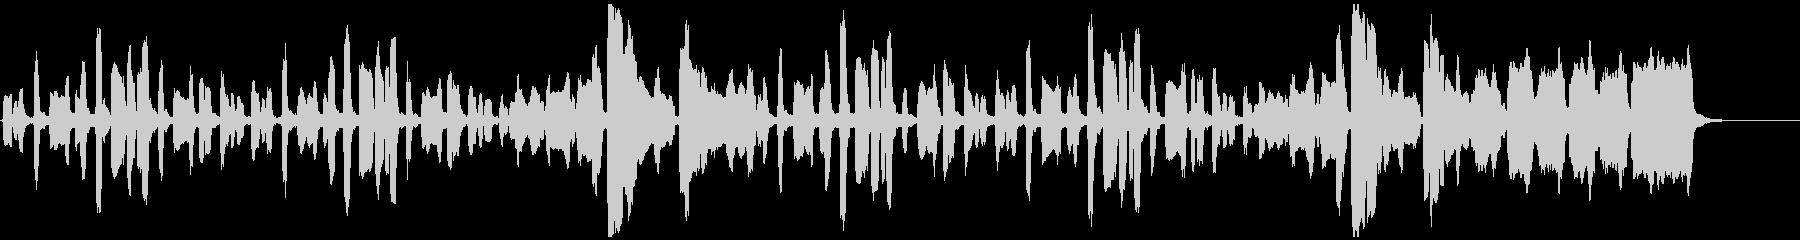 リコーダーのちょっぴり切ない曲の未再生の波形